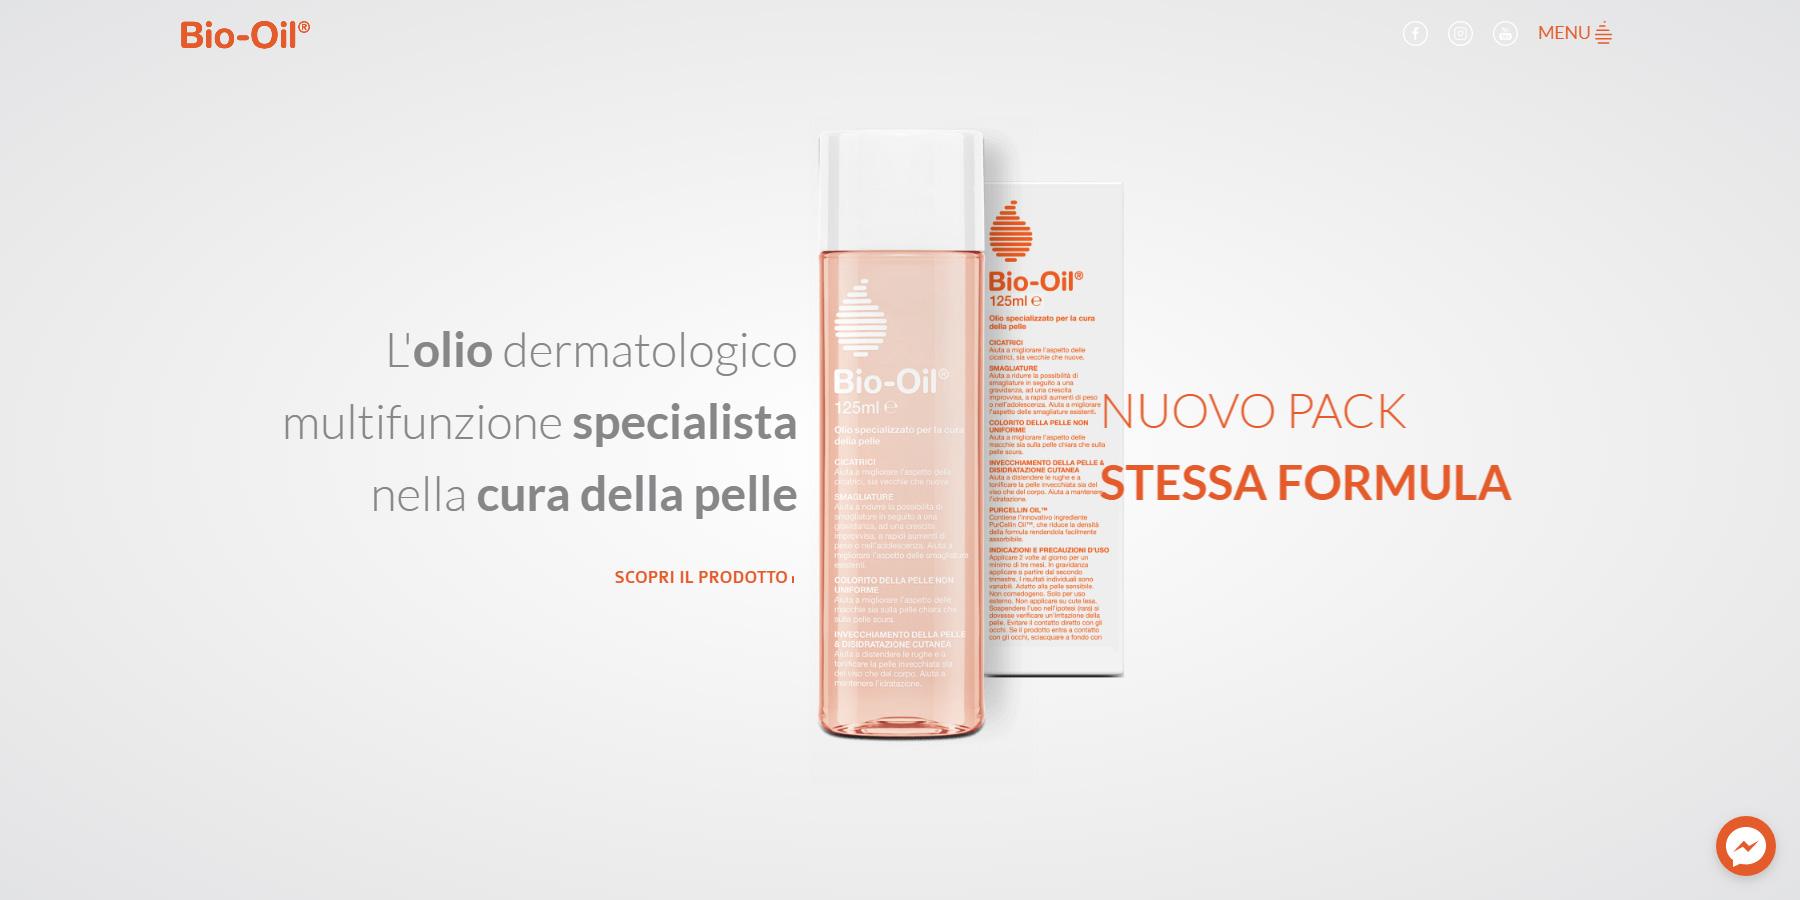 Bio Oil Italia - Website of the Day